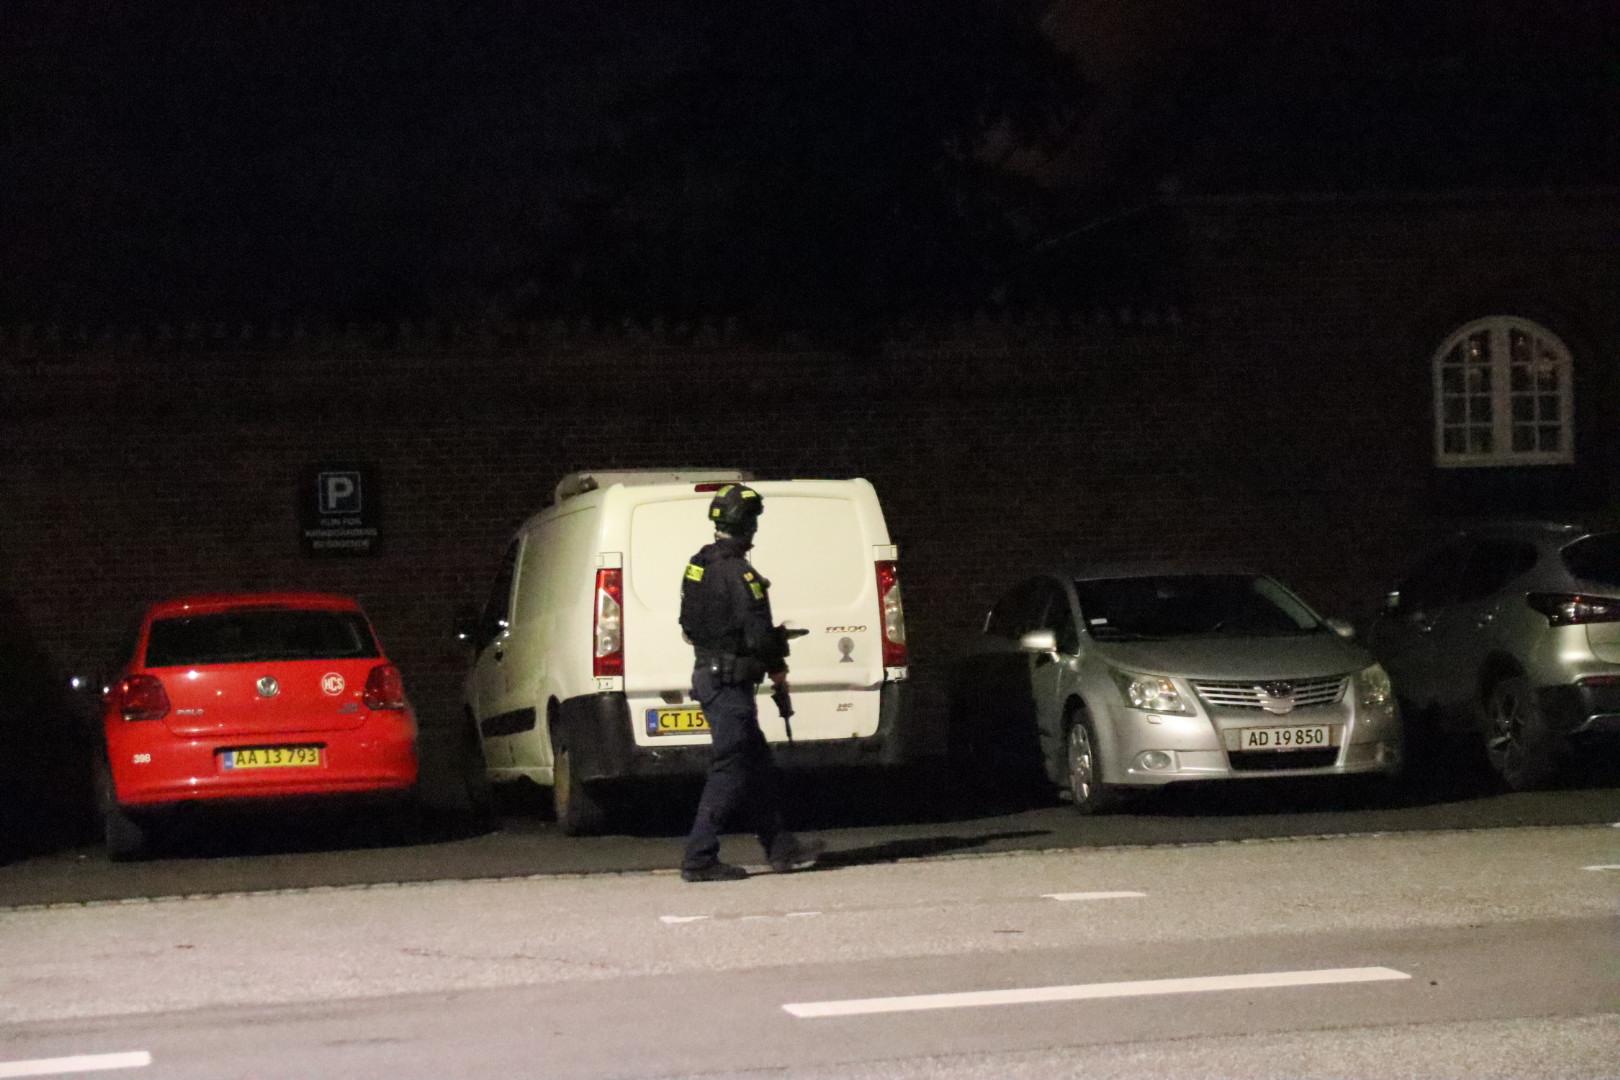 Politiaktion i København - store våben fremme